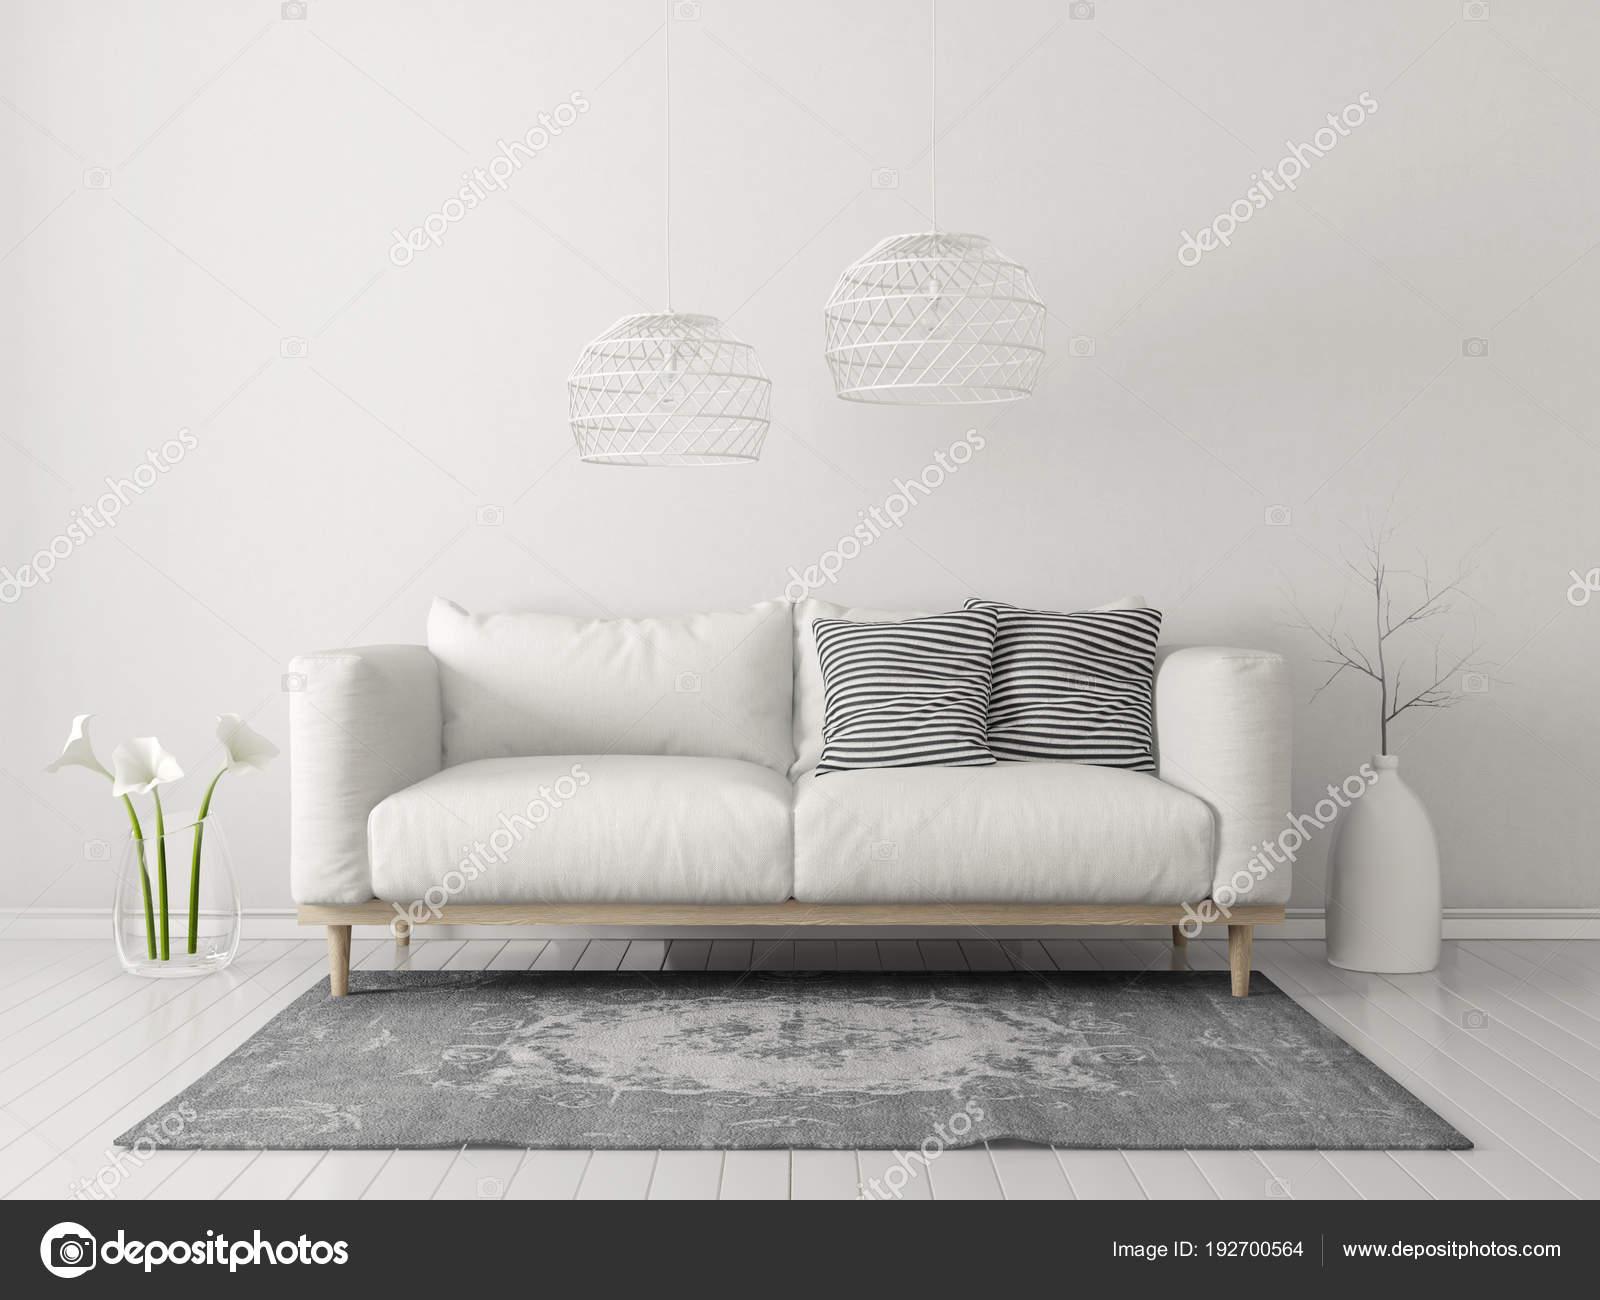 Lampen Scandinavisch Interieur : Moderne woonkamer met witte bank lamp scandinavisch interieur